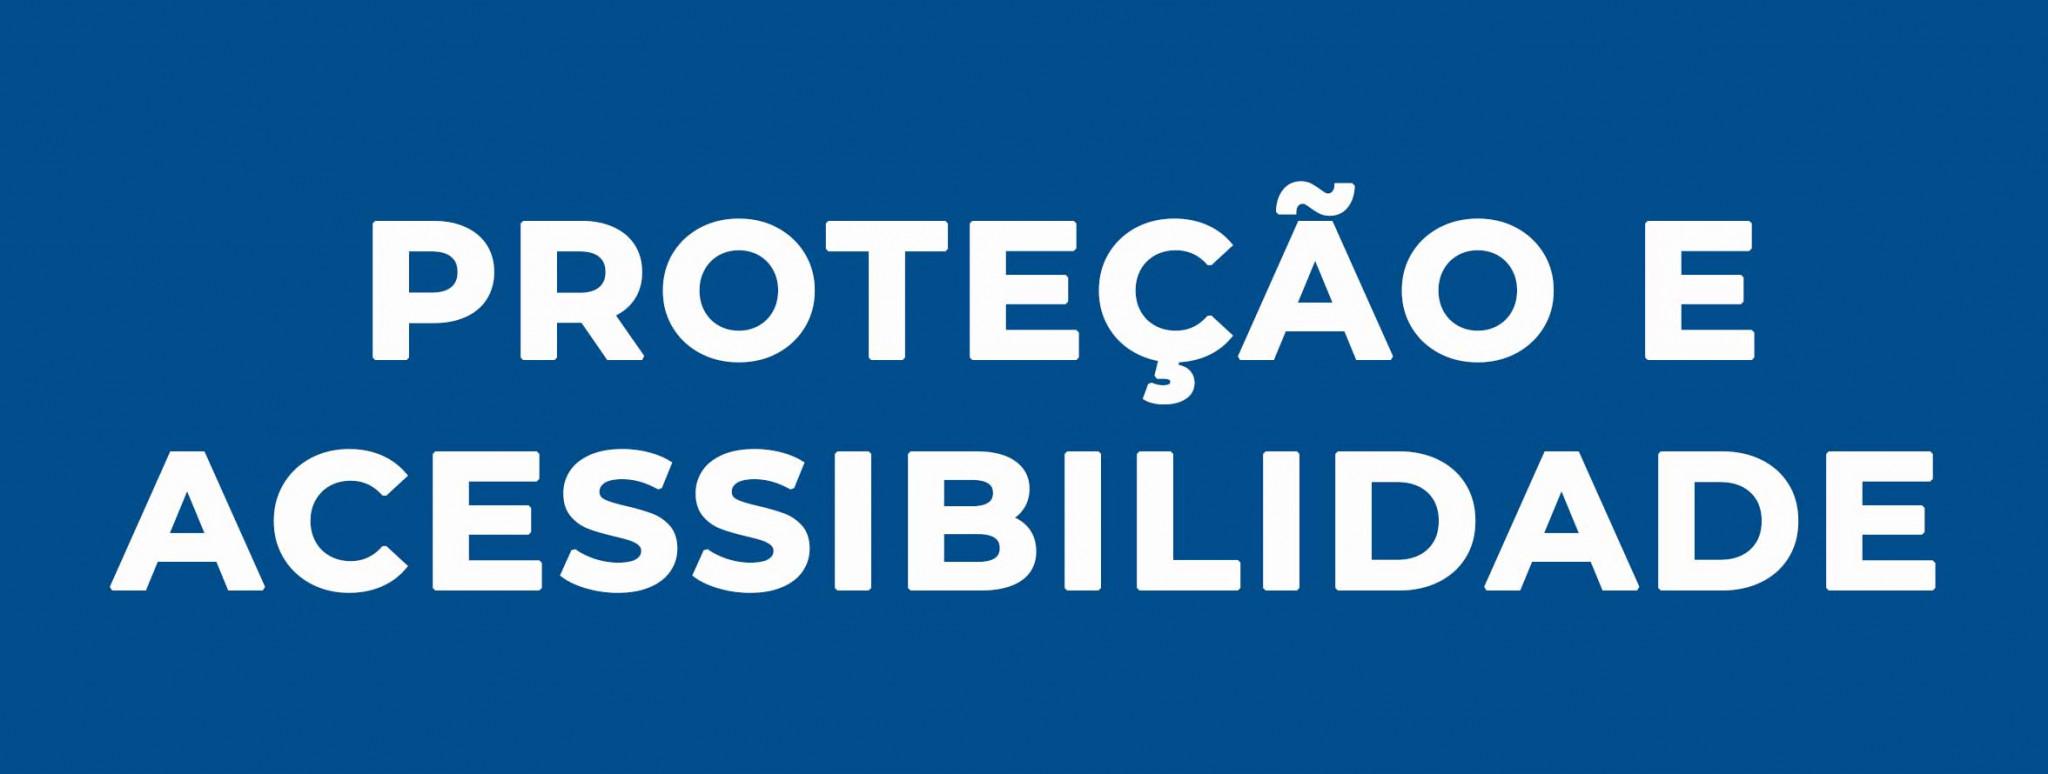 Proteção e Acessibilidade